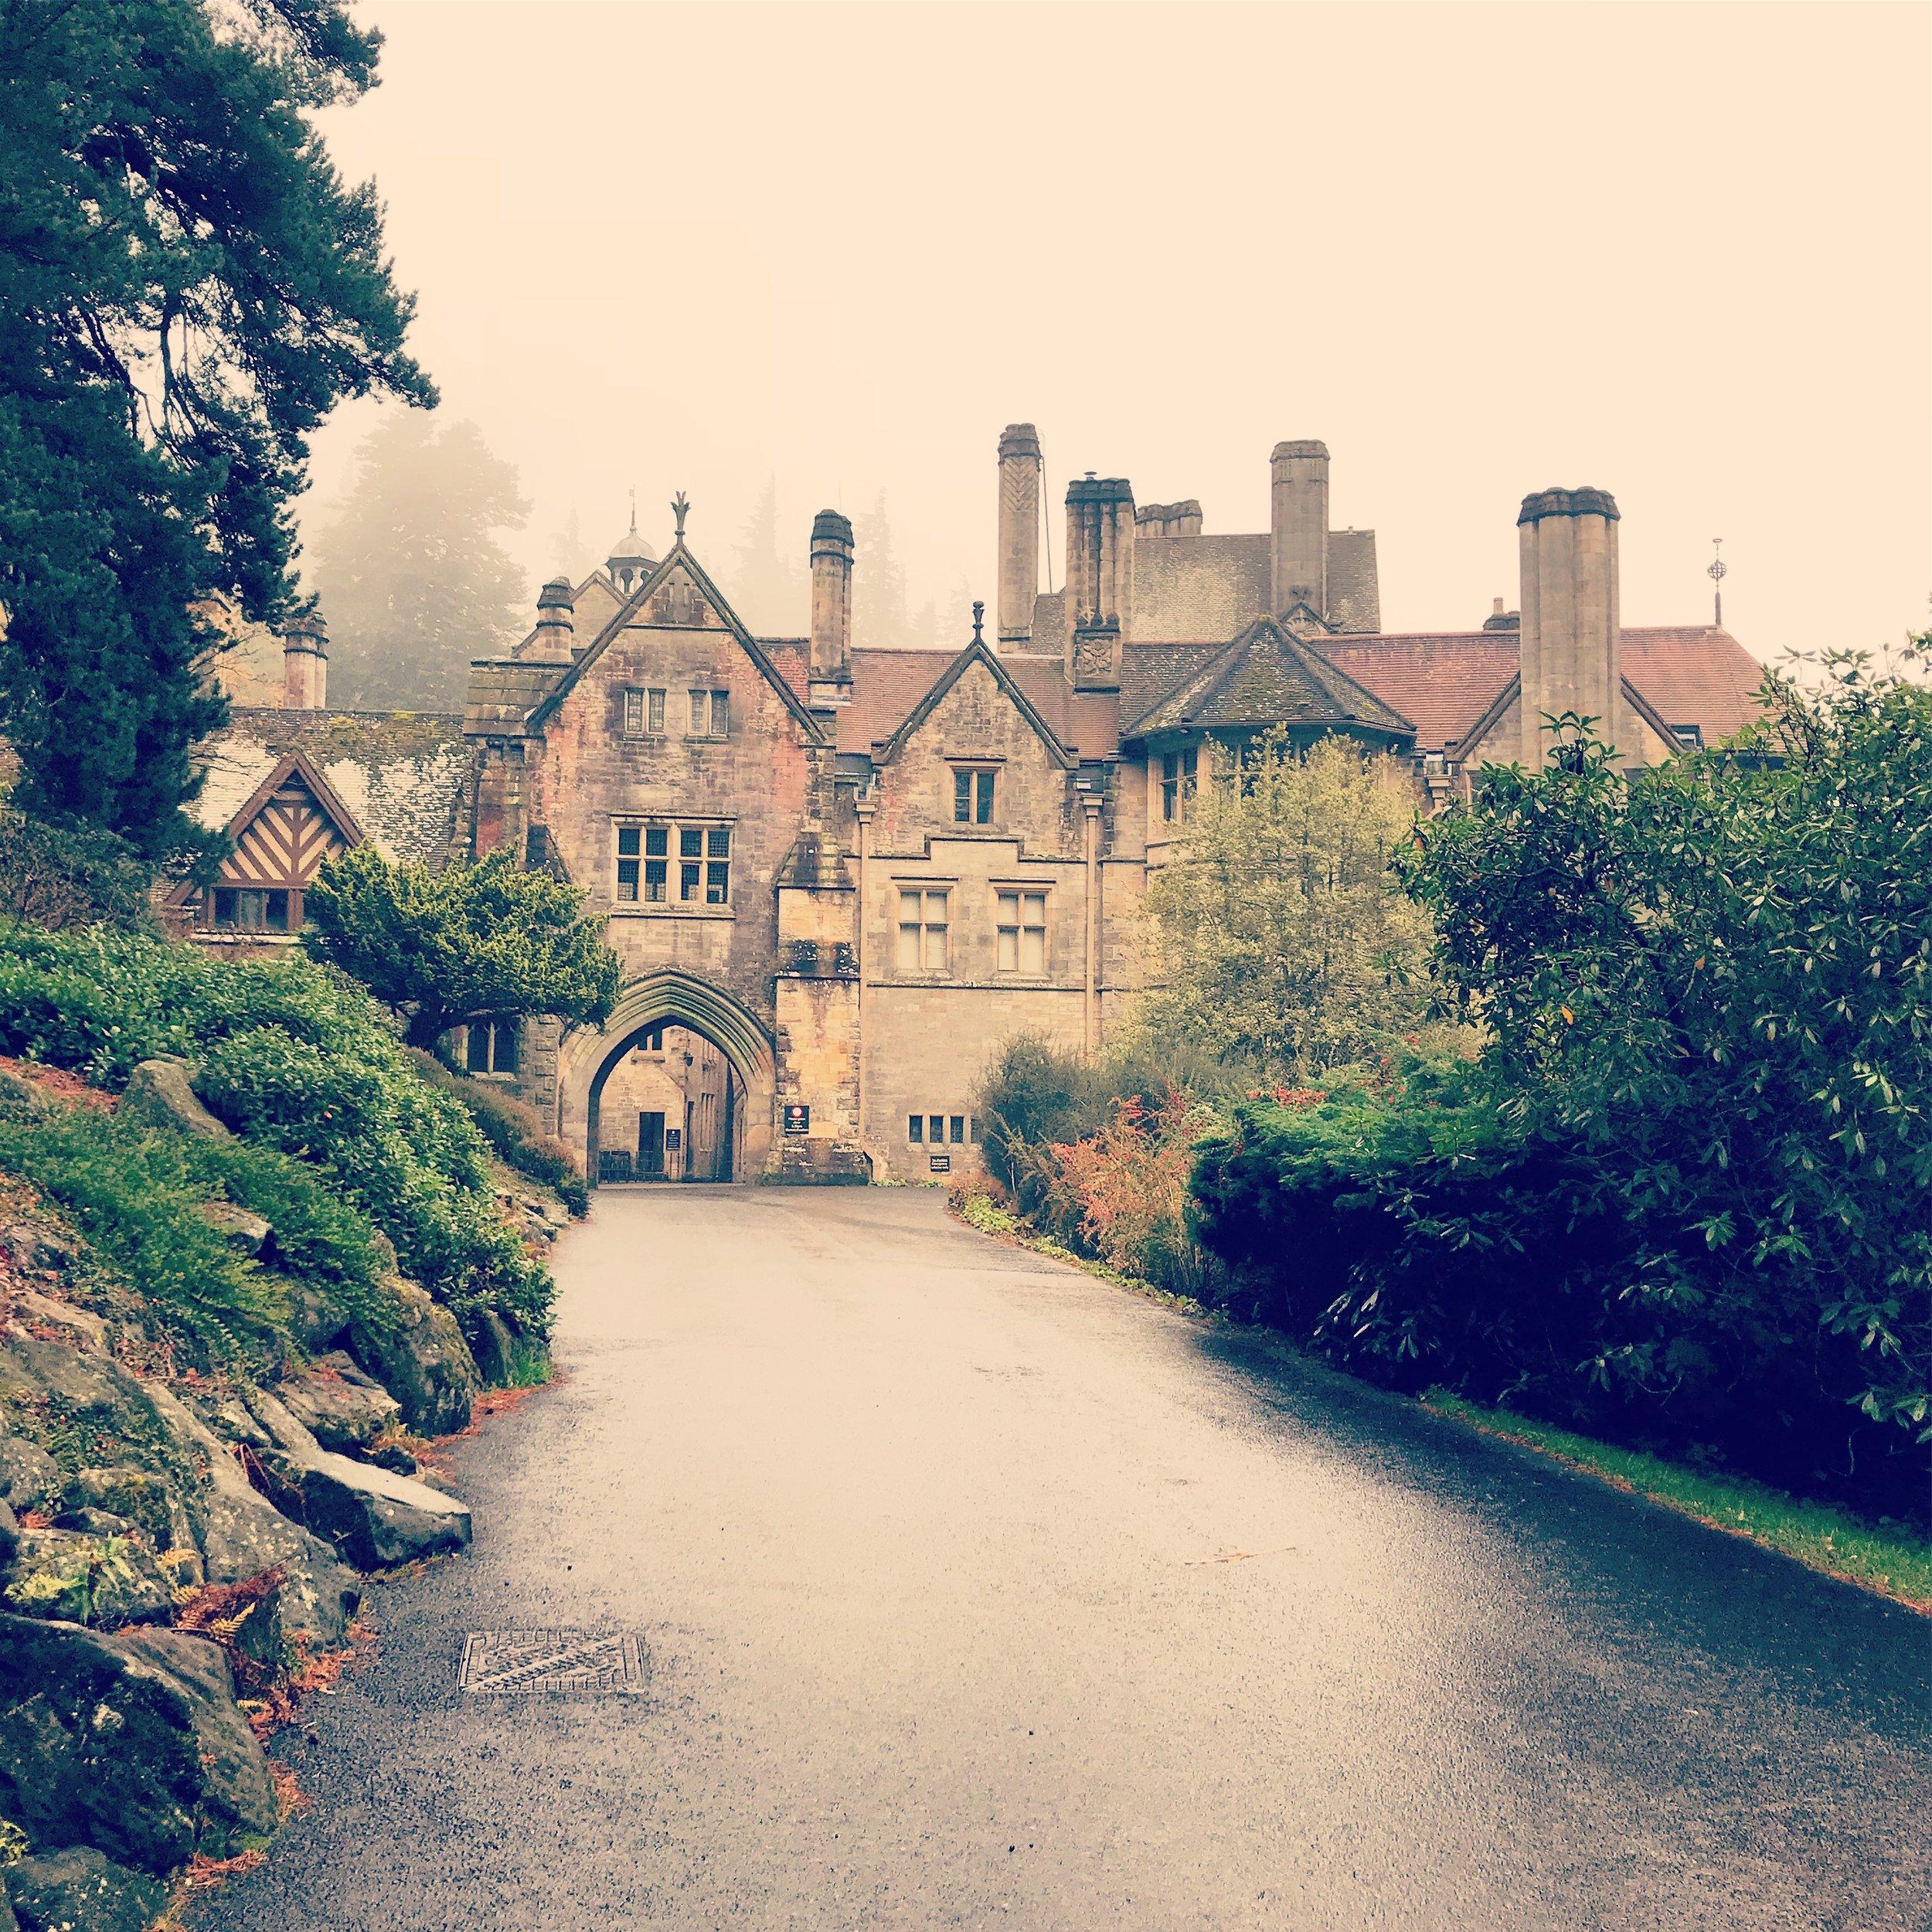 Cragside Estate